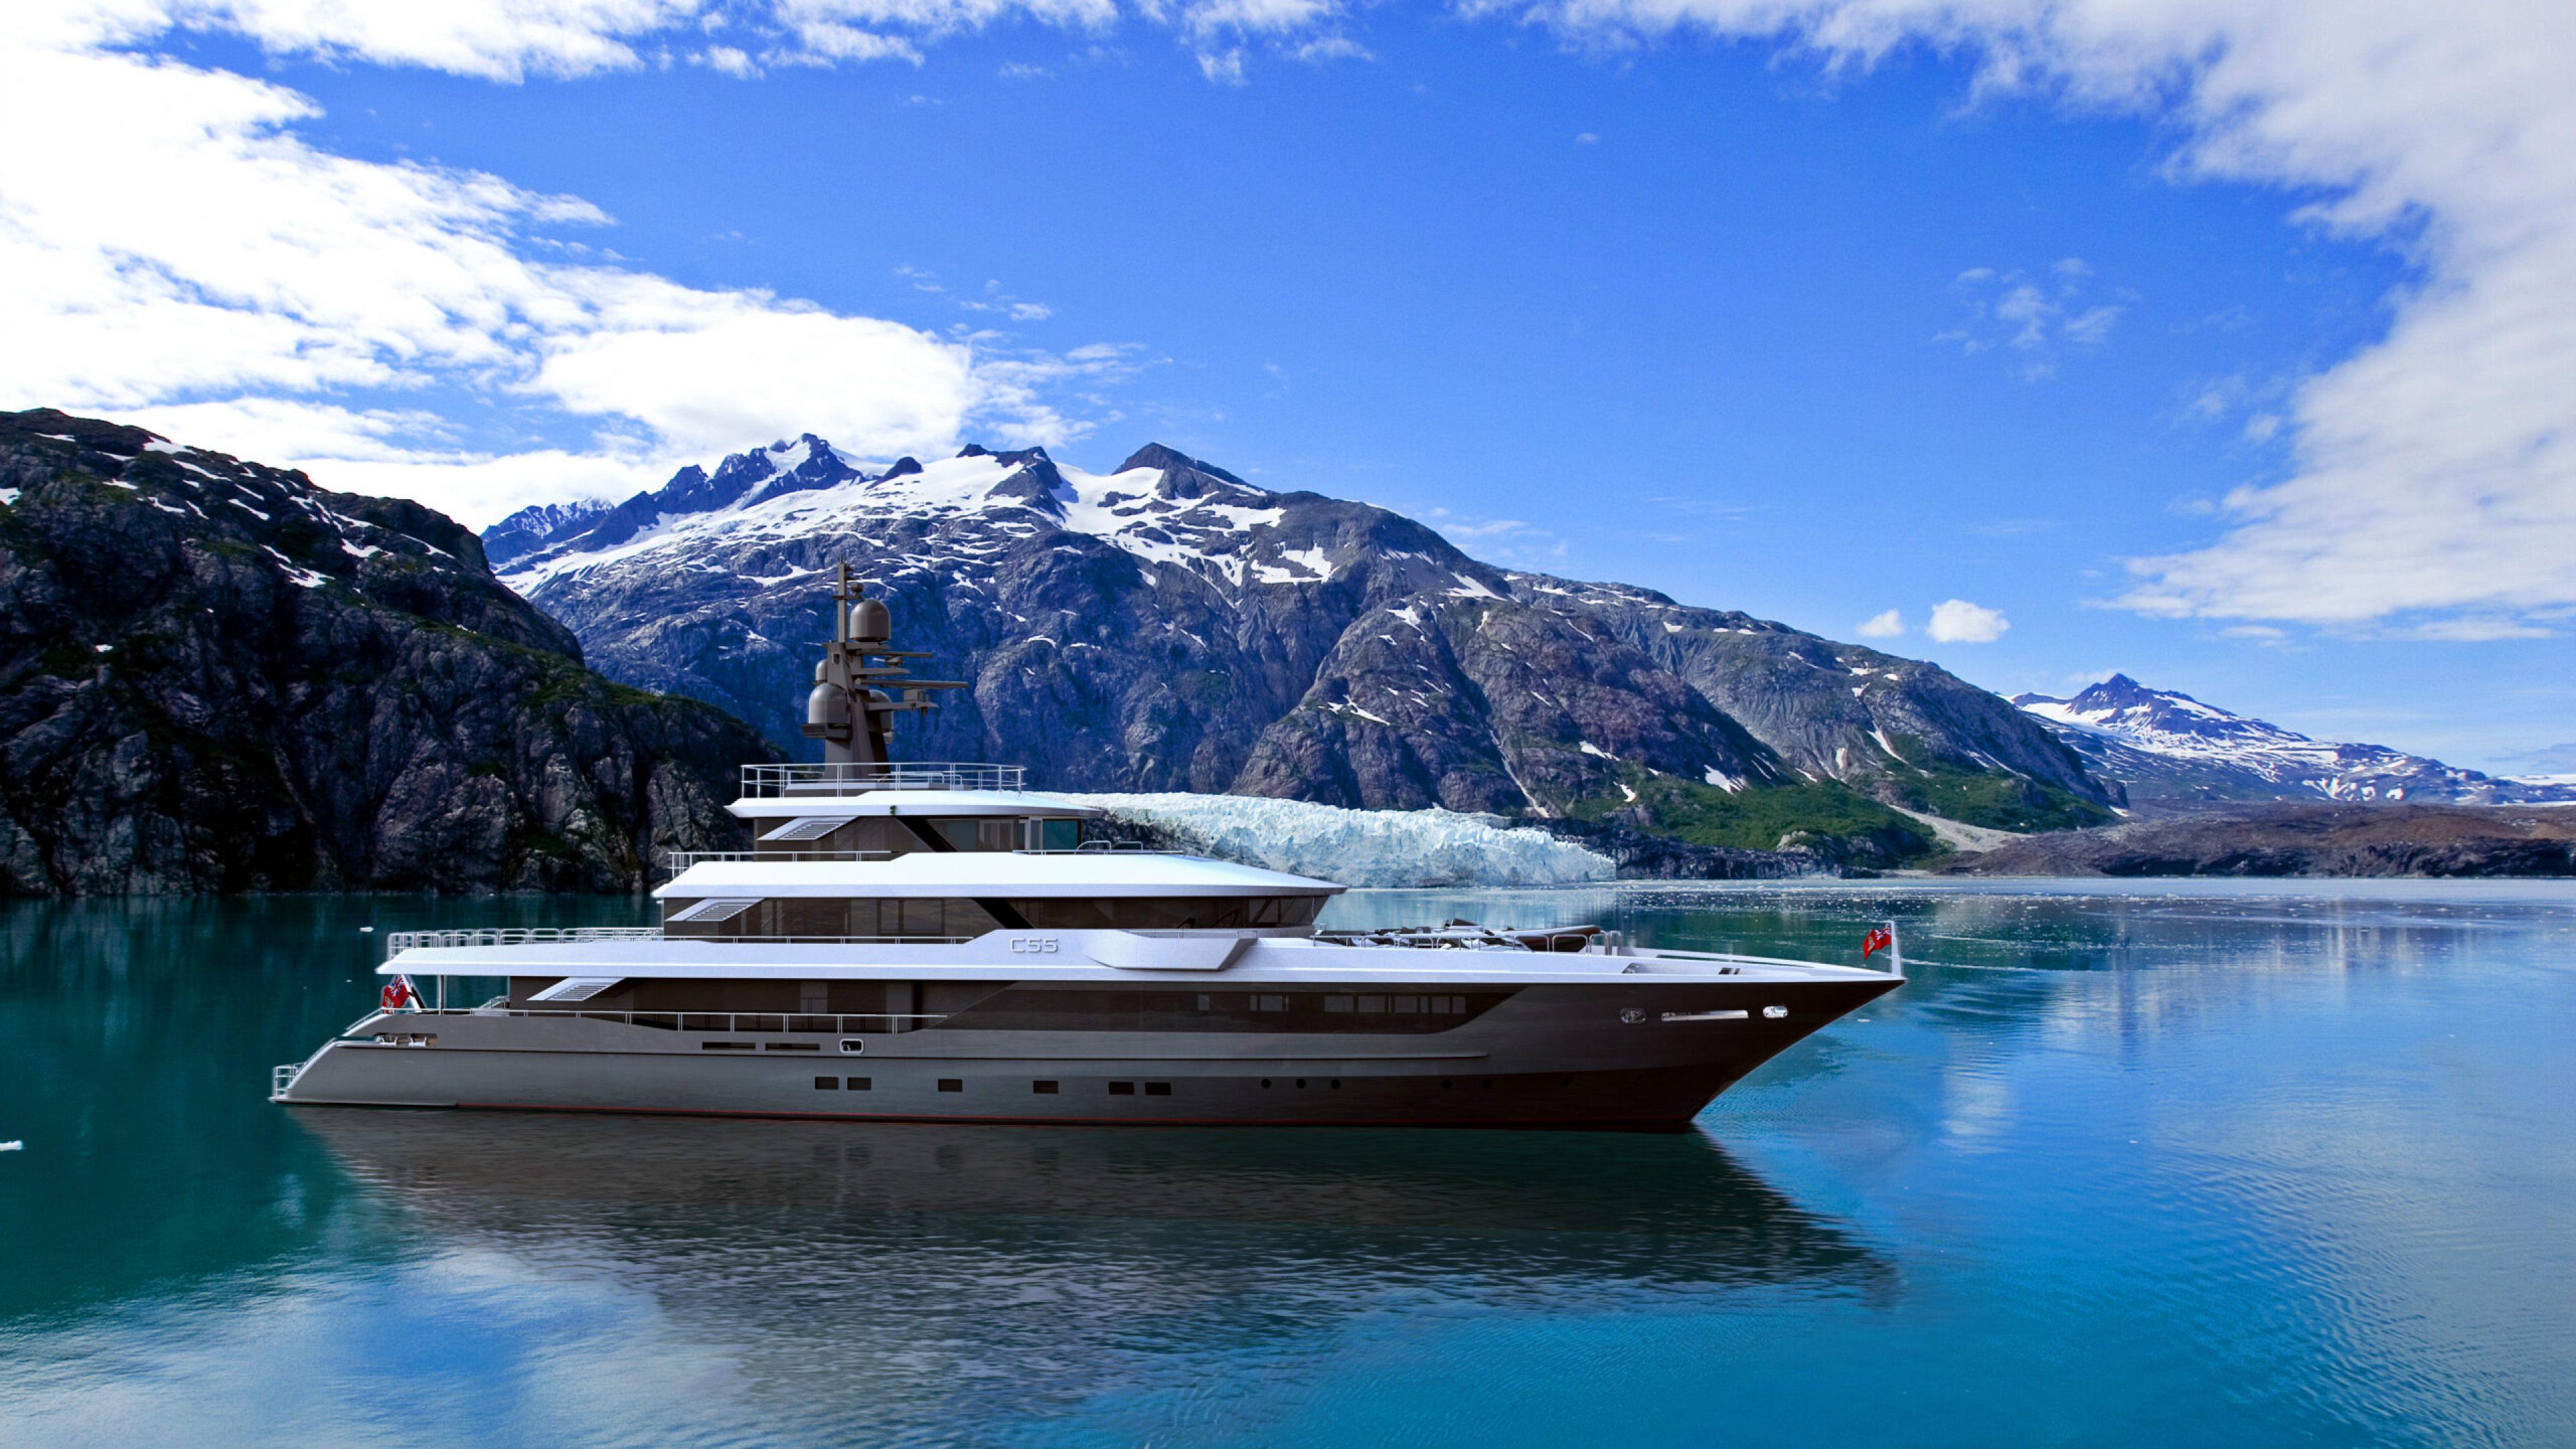 C55 NW Glacier Profile sv